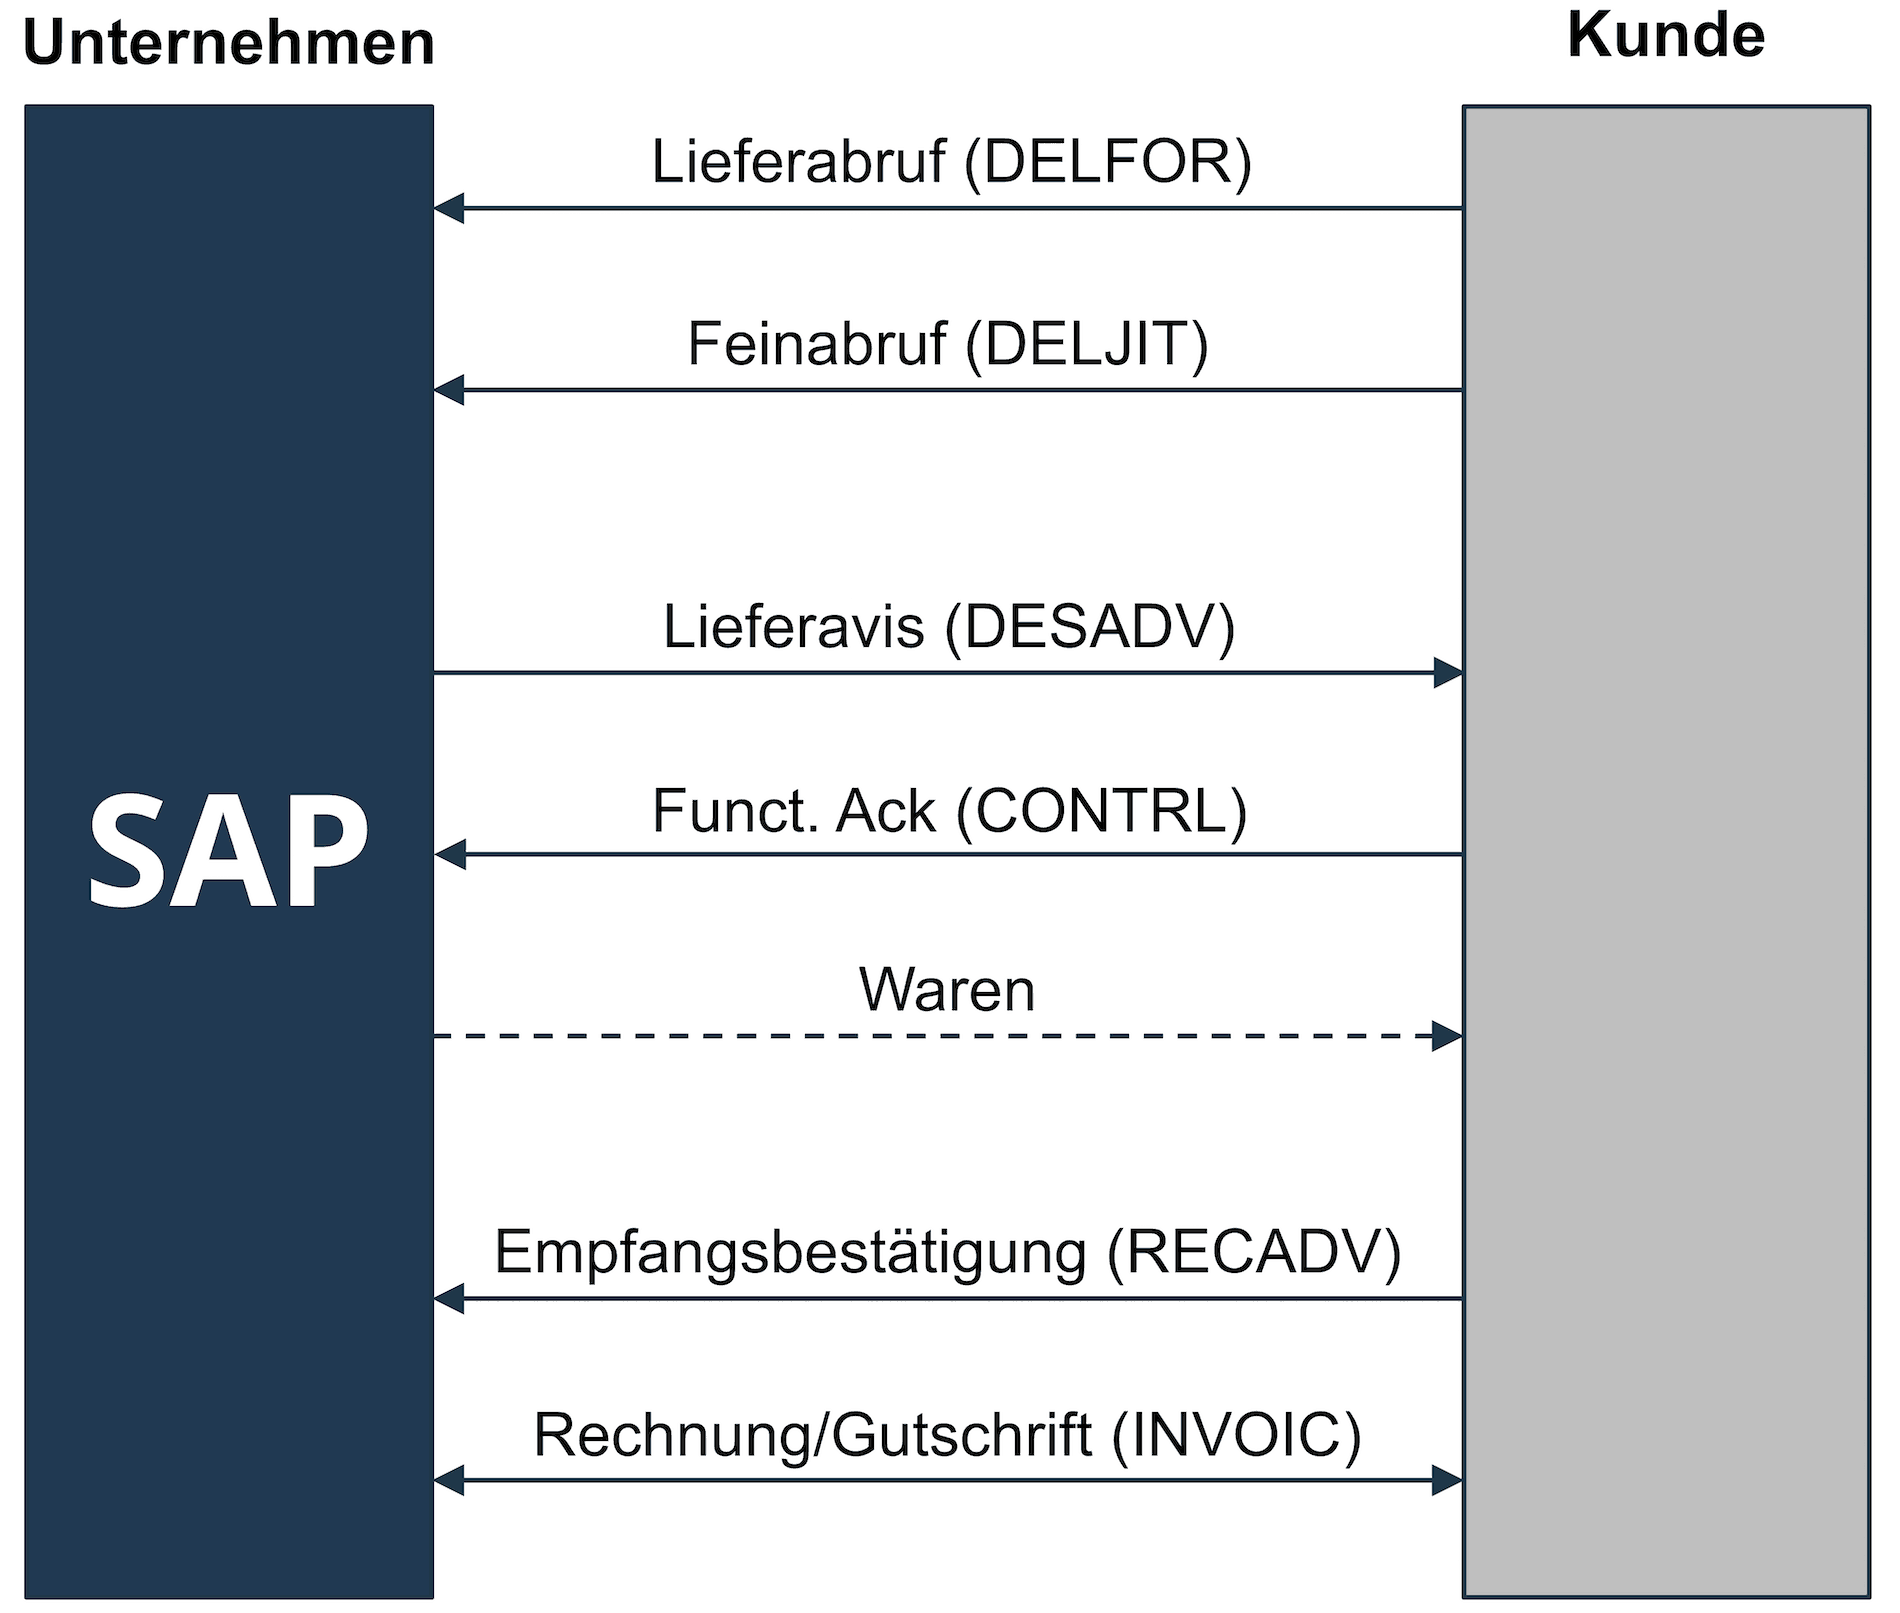 SD-Referenzprozess auf Basis eines Lieferplans